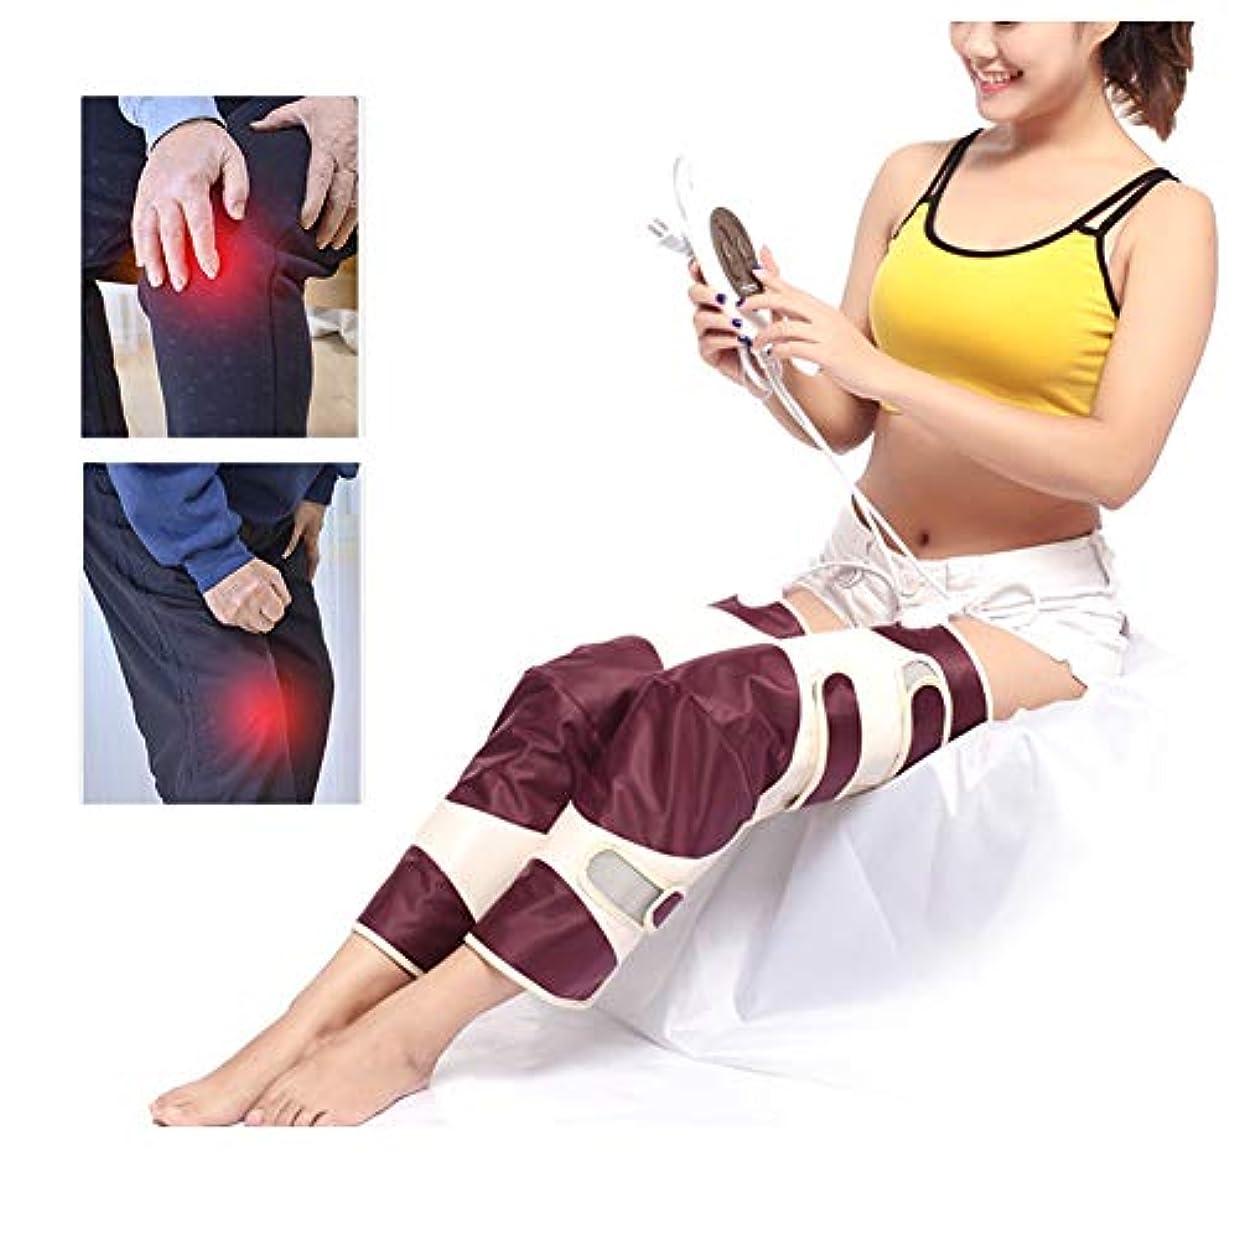 期限切れ仮説北極圏関節炎の痛みのための電気加熱膝パッド加熱膝ブレース遠赤外線治療マッサージャー